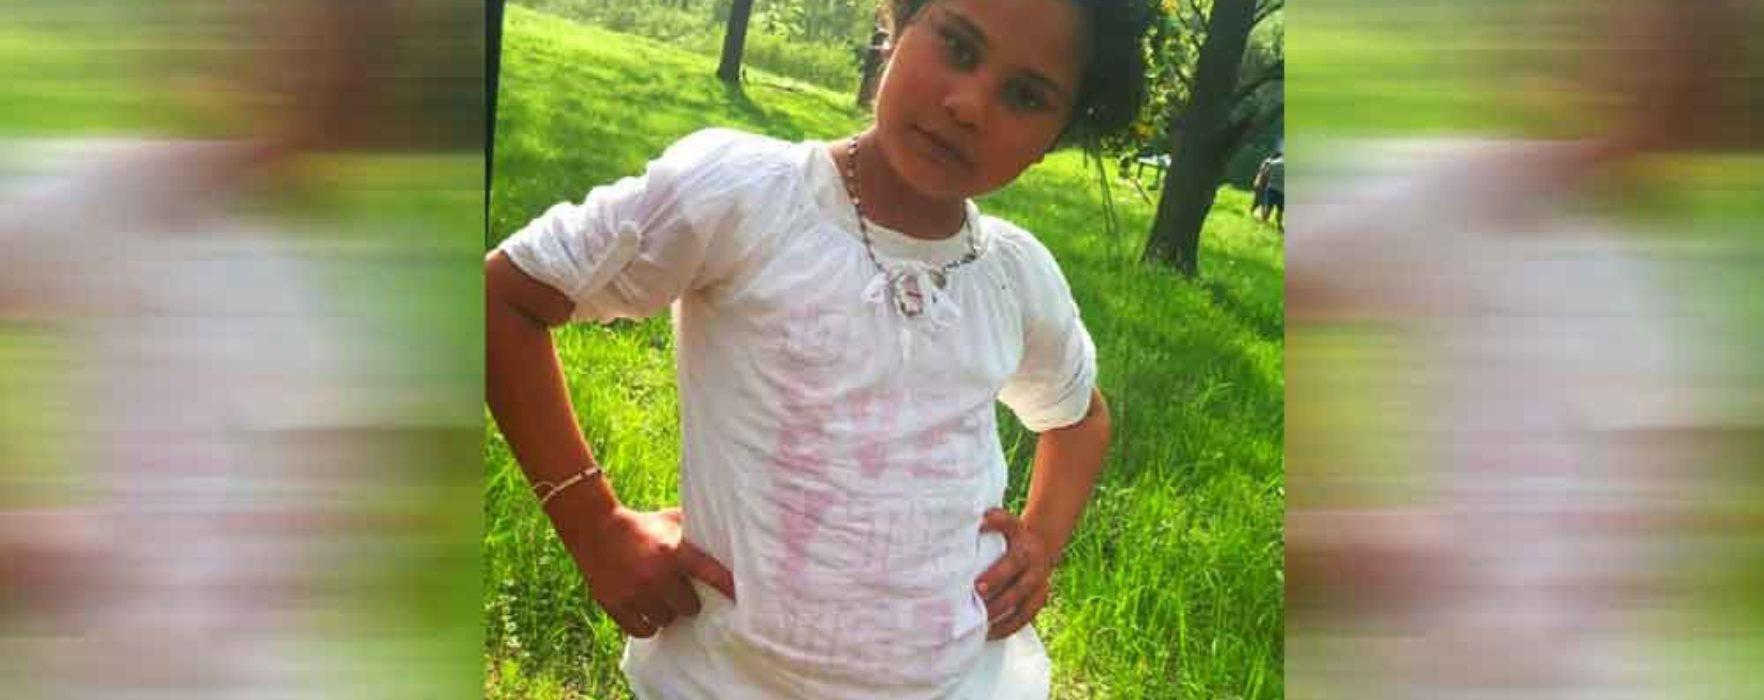 Dâmboviţa: Fetiţa de 11 ani dispărută, căutată cu elicopter, drone şi câini de urmă